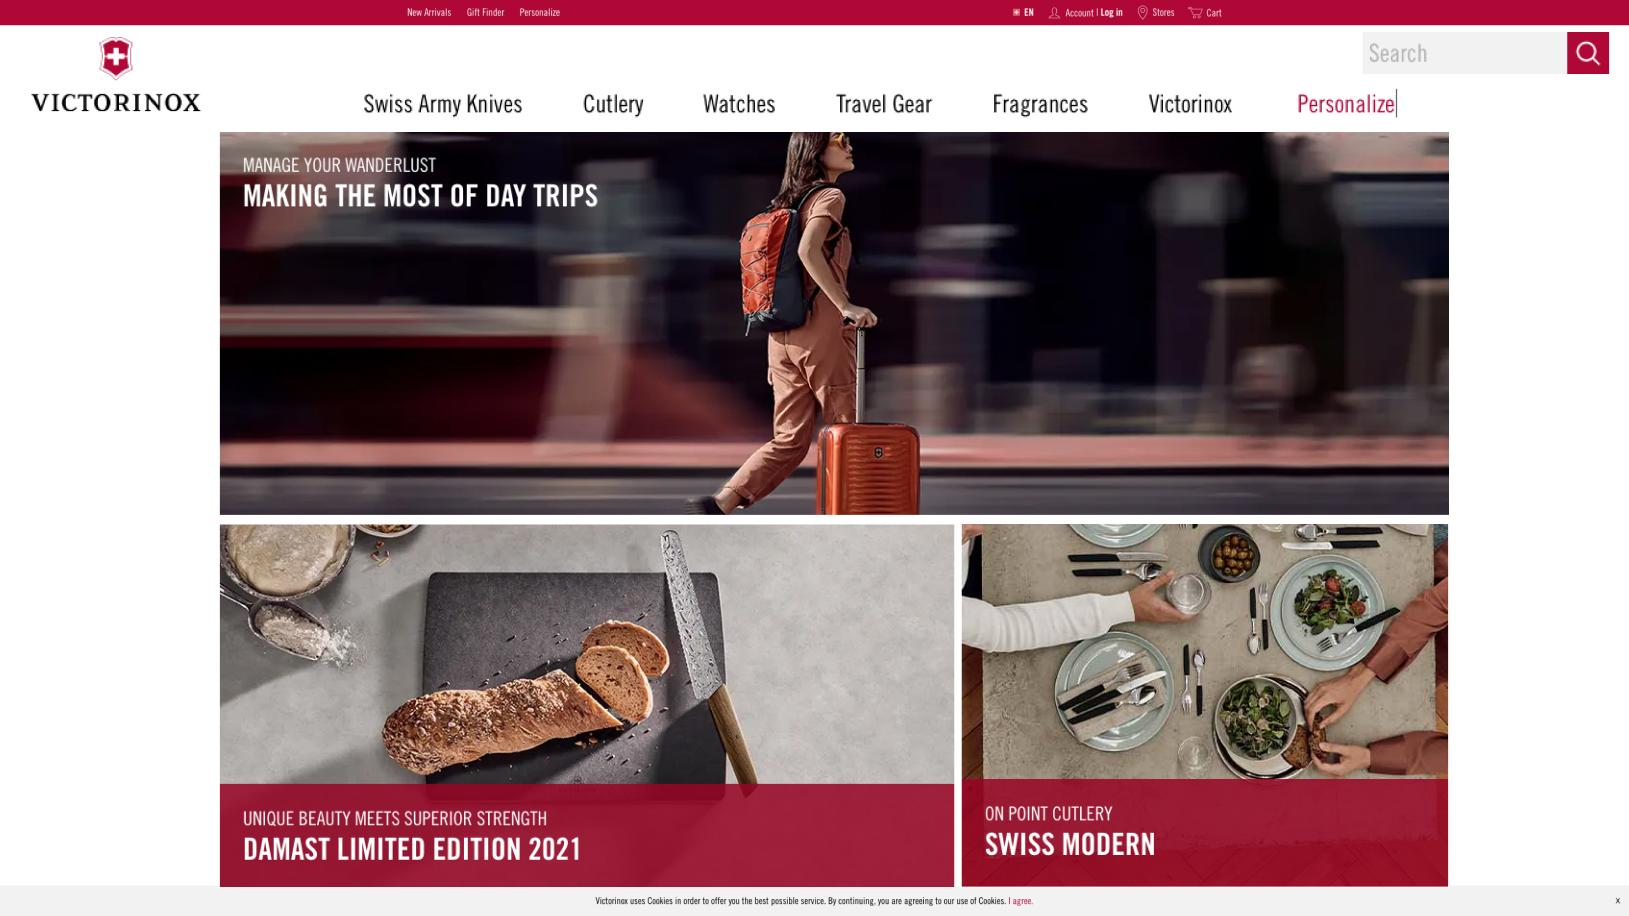 screenshot of Victorinox website